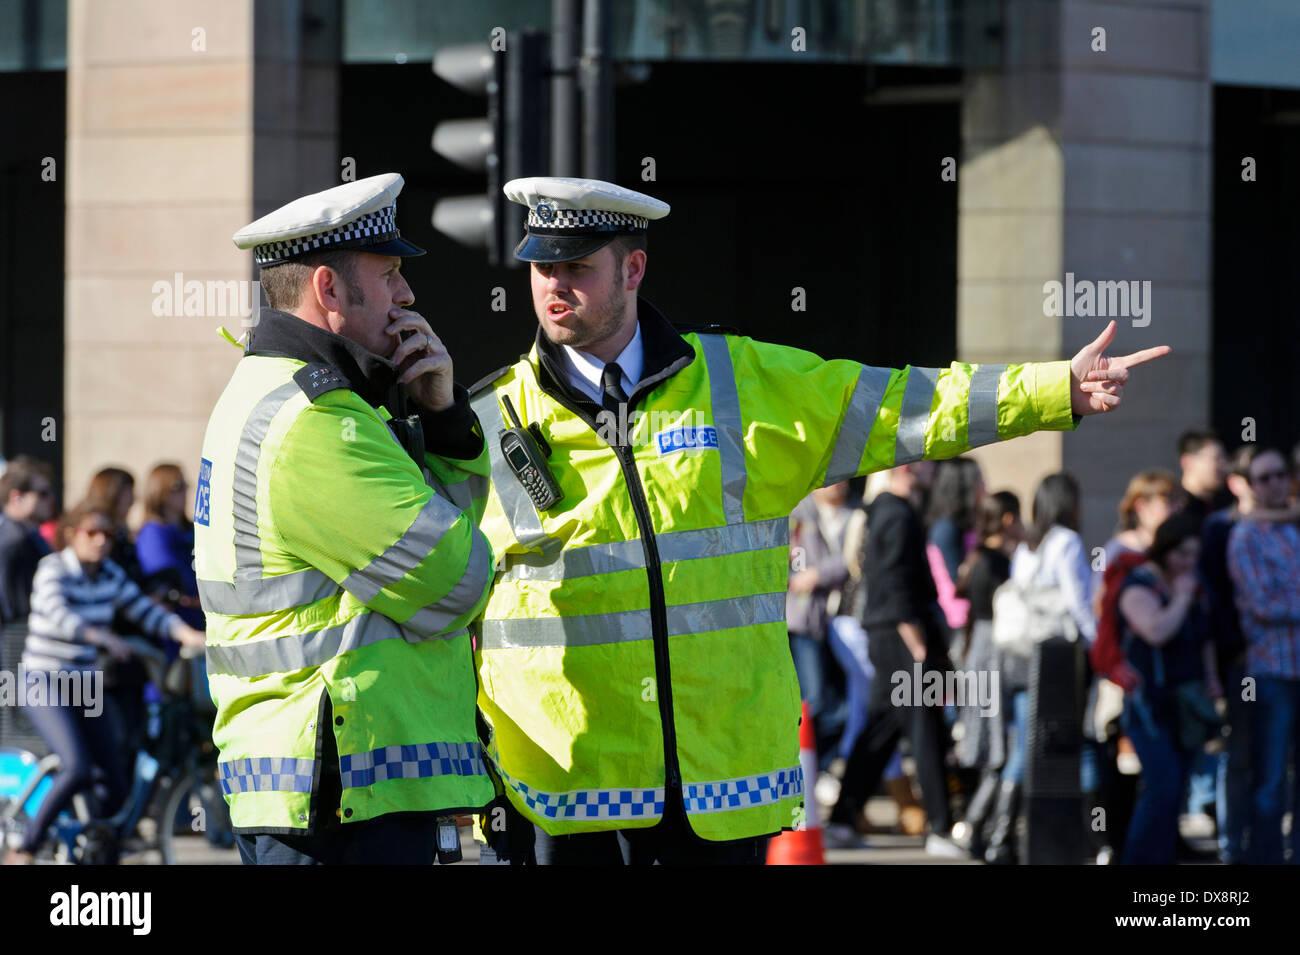 Due uniforme del traffico metropolitano di funzionari di polizia a parlare di una situazione di Londra, Inghilterra, Regno Unito. Immagini Stock